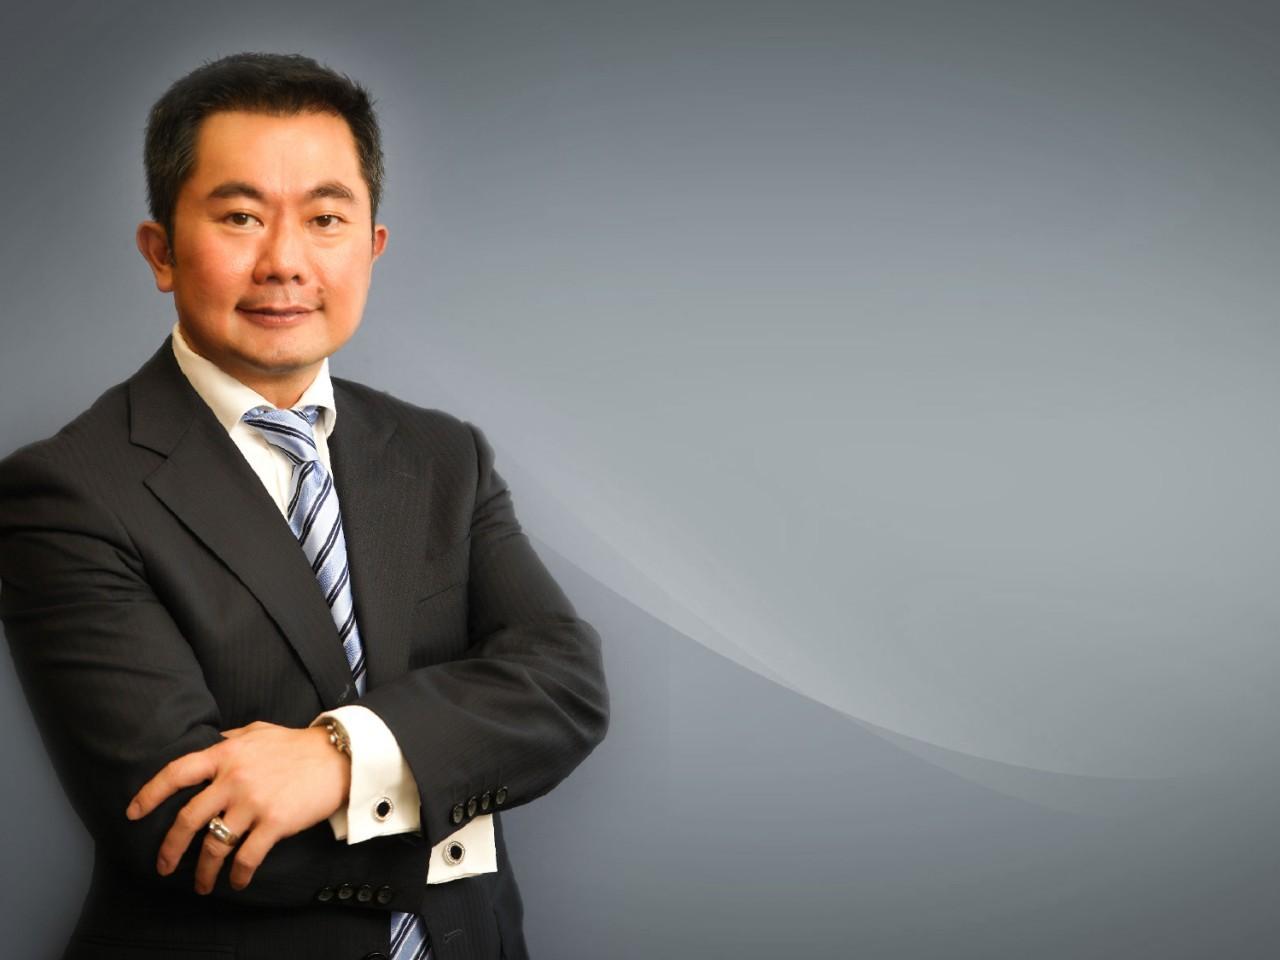 Chris Lộc Đào